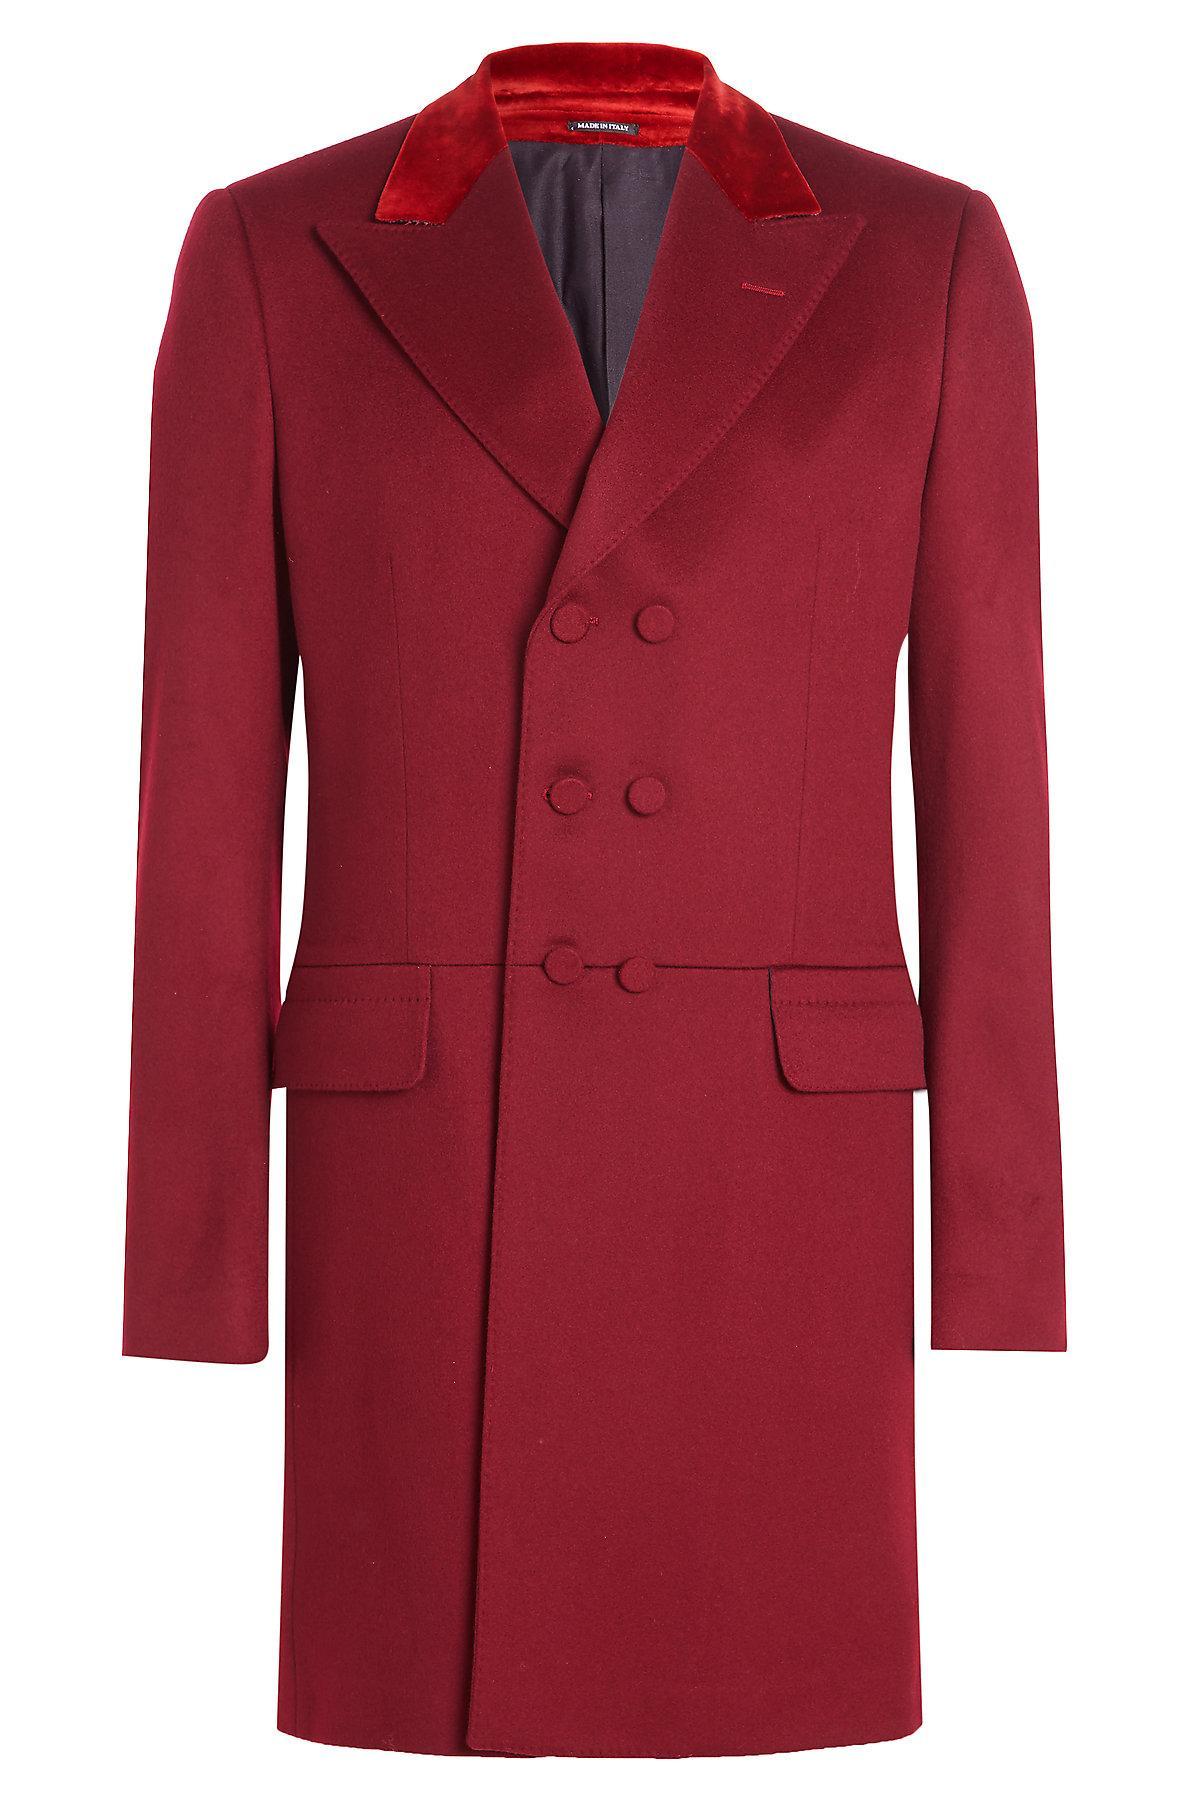 Alexander Mcqueen Wool Coat With Velvet In Red